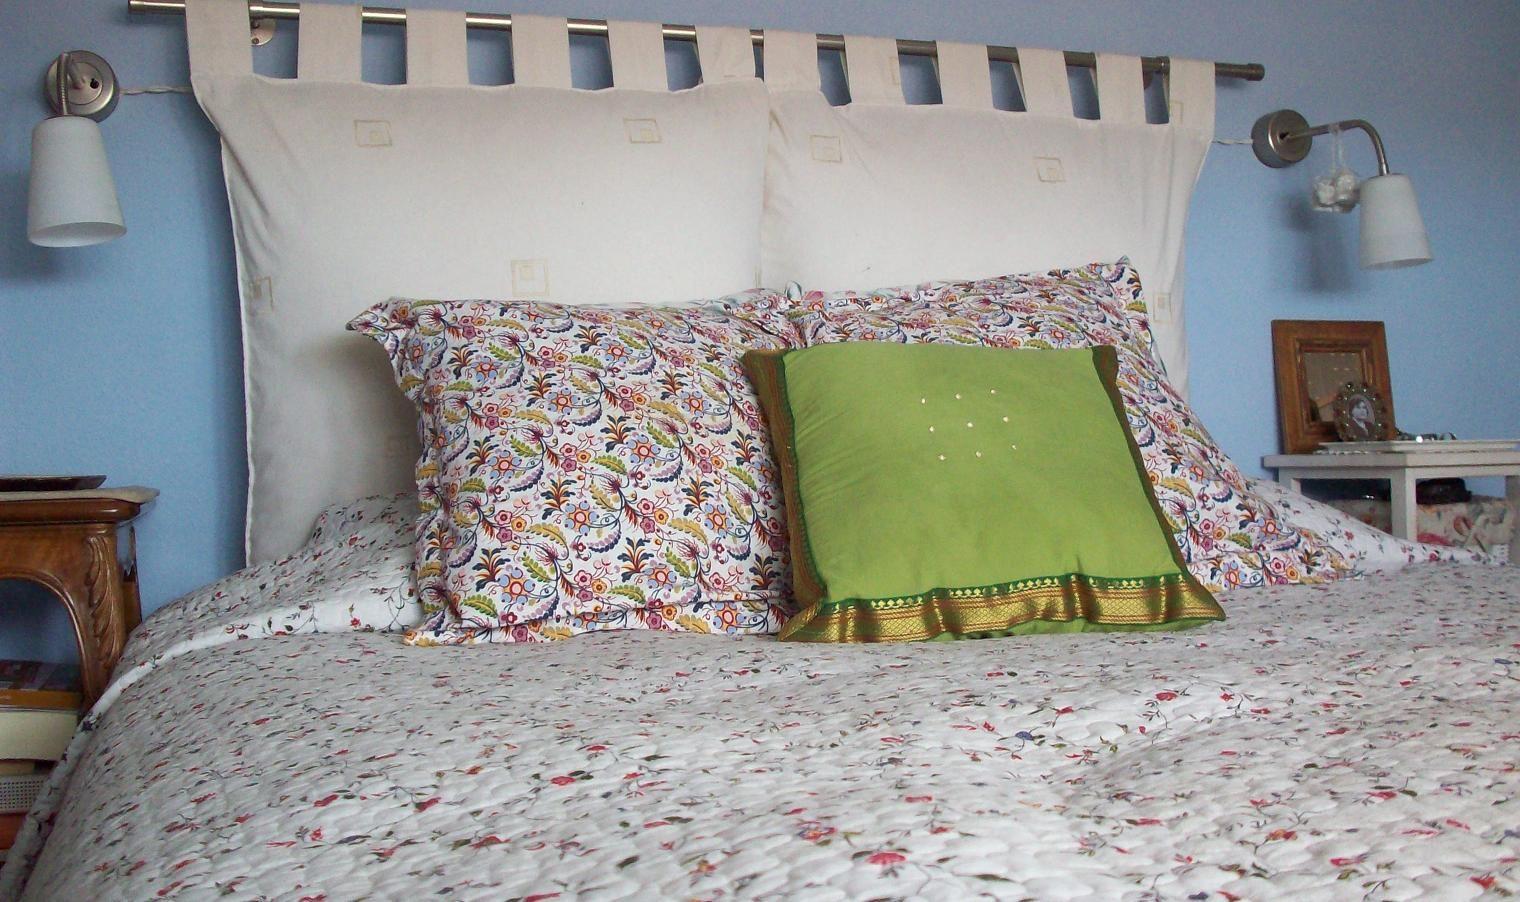 Facil simas cabeceras de cama no gast s de m s - Ideas para cabeceros de cama ...